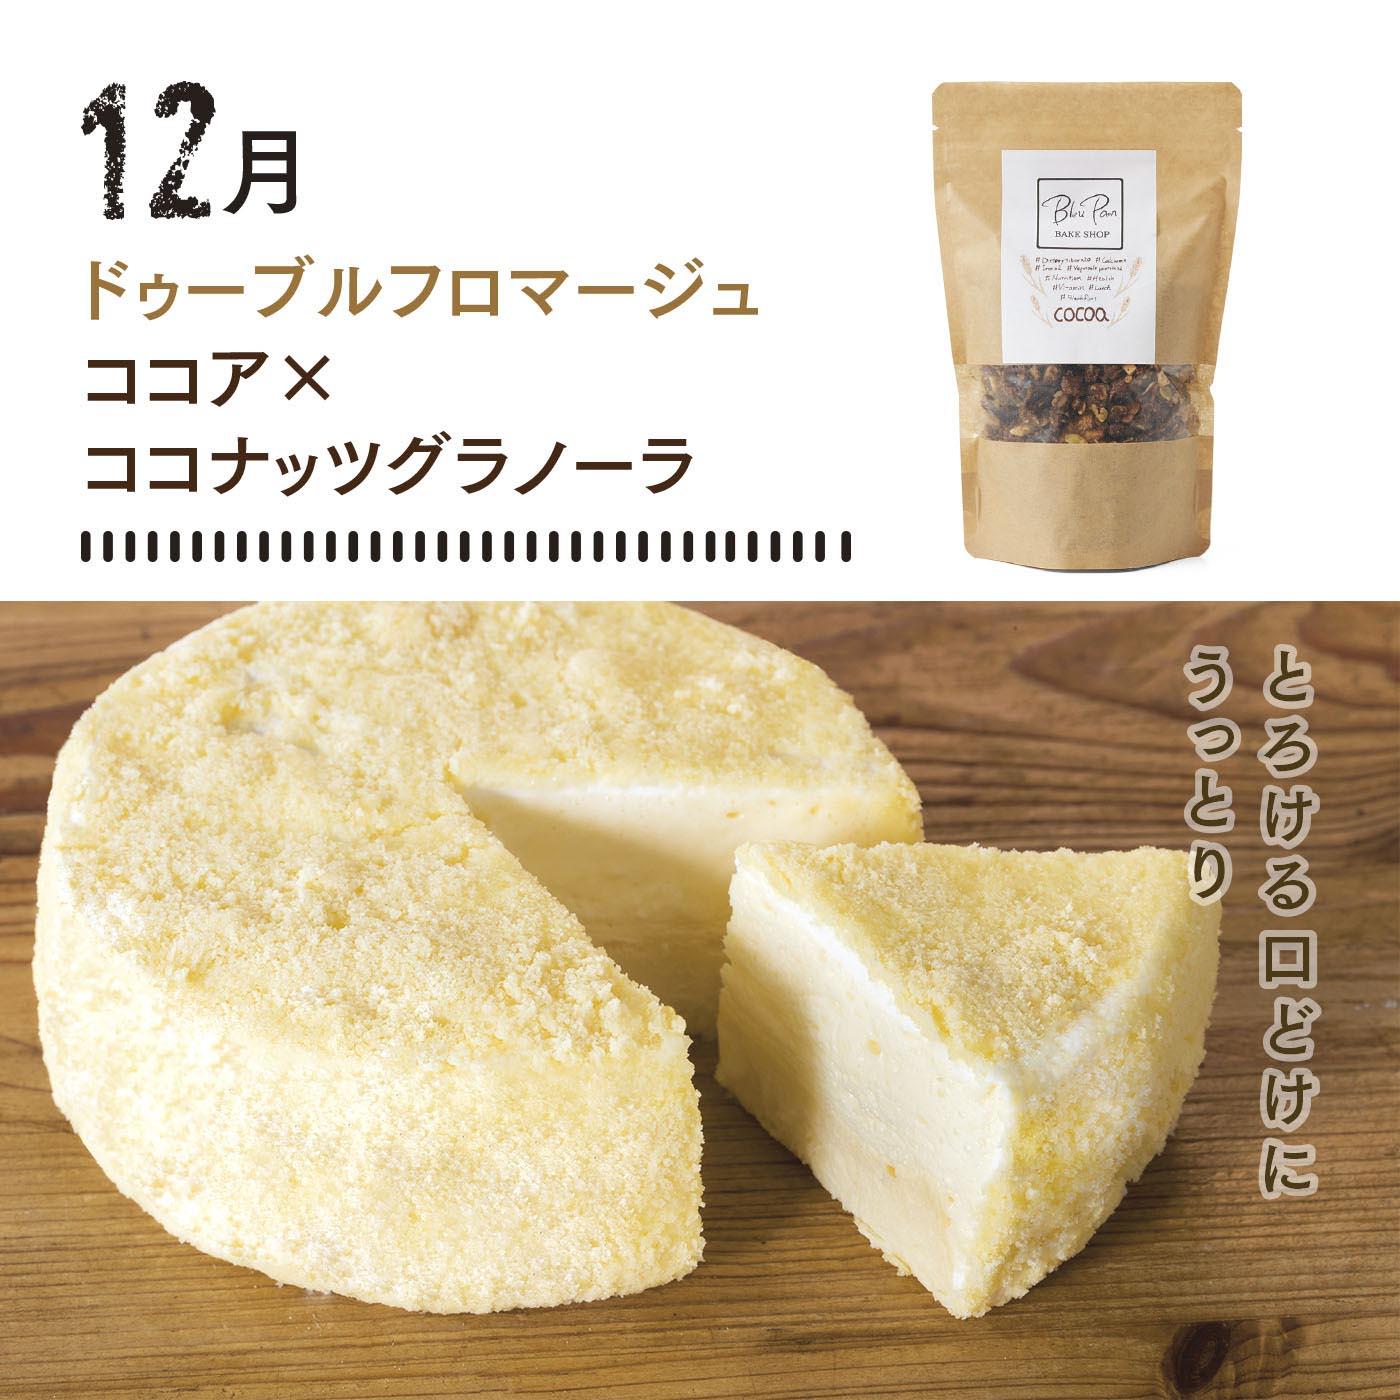 北海道産生乳使用のクリームチーズと生クリームをふんだんに使った、リピーター続出の名物ケーキ。ココアにココナッツをプラスしたやさしい甘みのグラノーラをセットに。